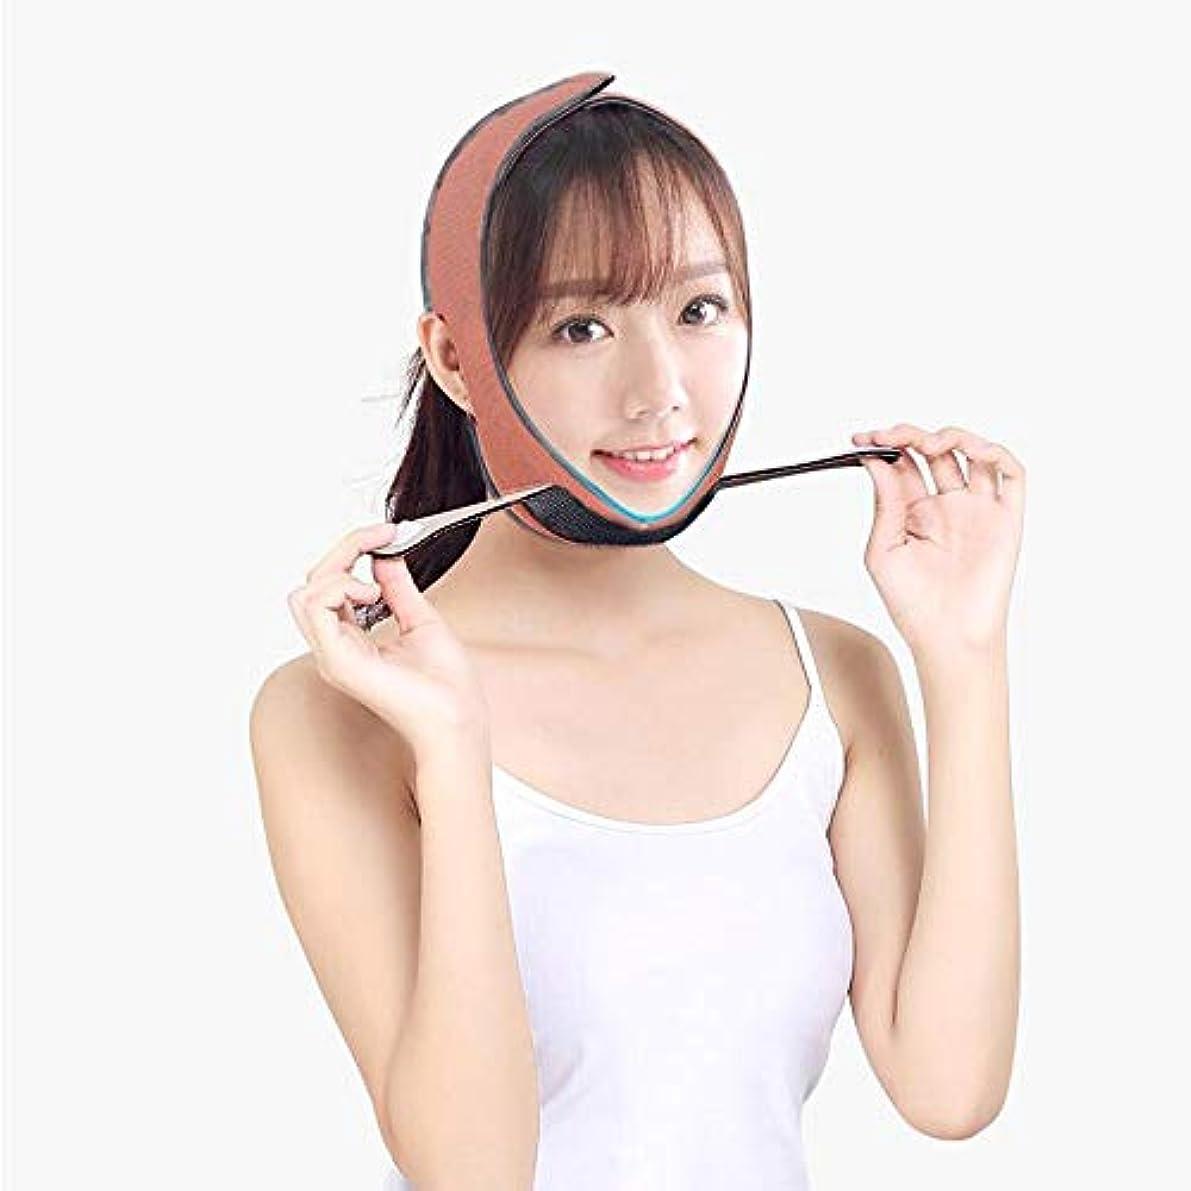 心理学明らかにするキャビンフェイシャルリフティングスリミングベルト - 薄いフェイス包帯Vフェイス包帯マスクフェイシャルマッサージャー無料整形マスク顔と首の顔を引き締めますスリム